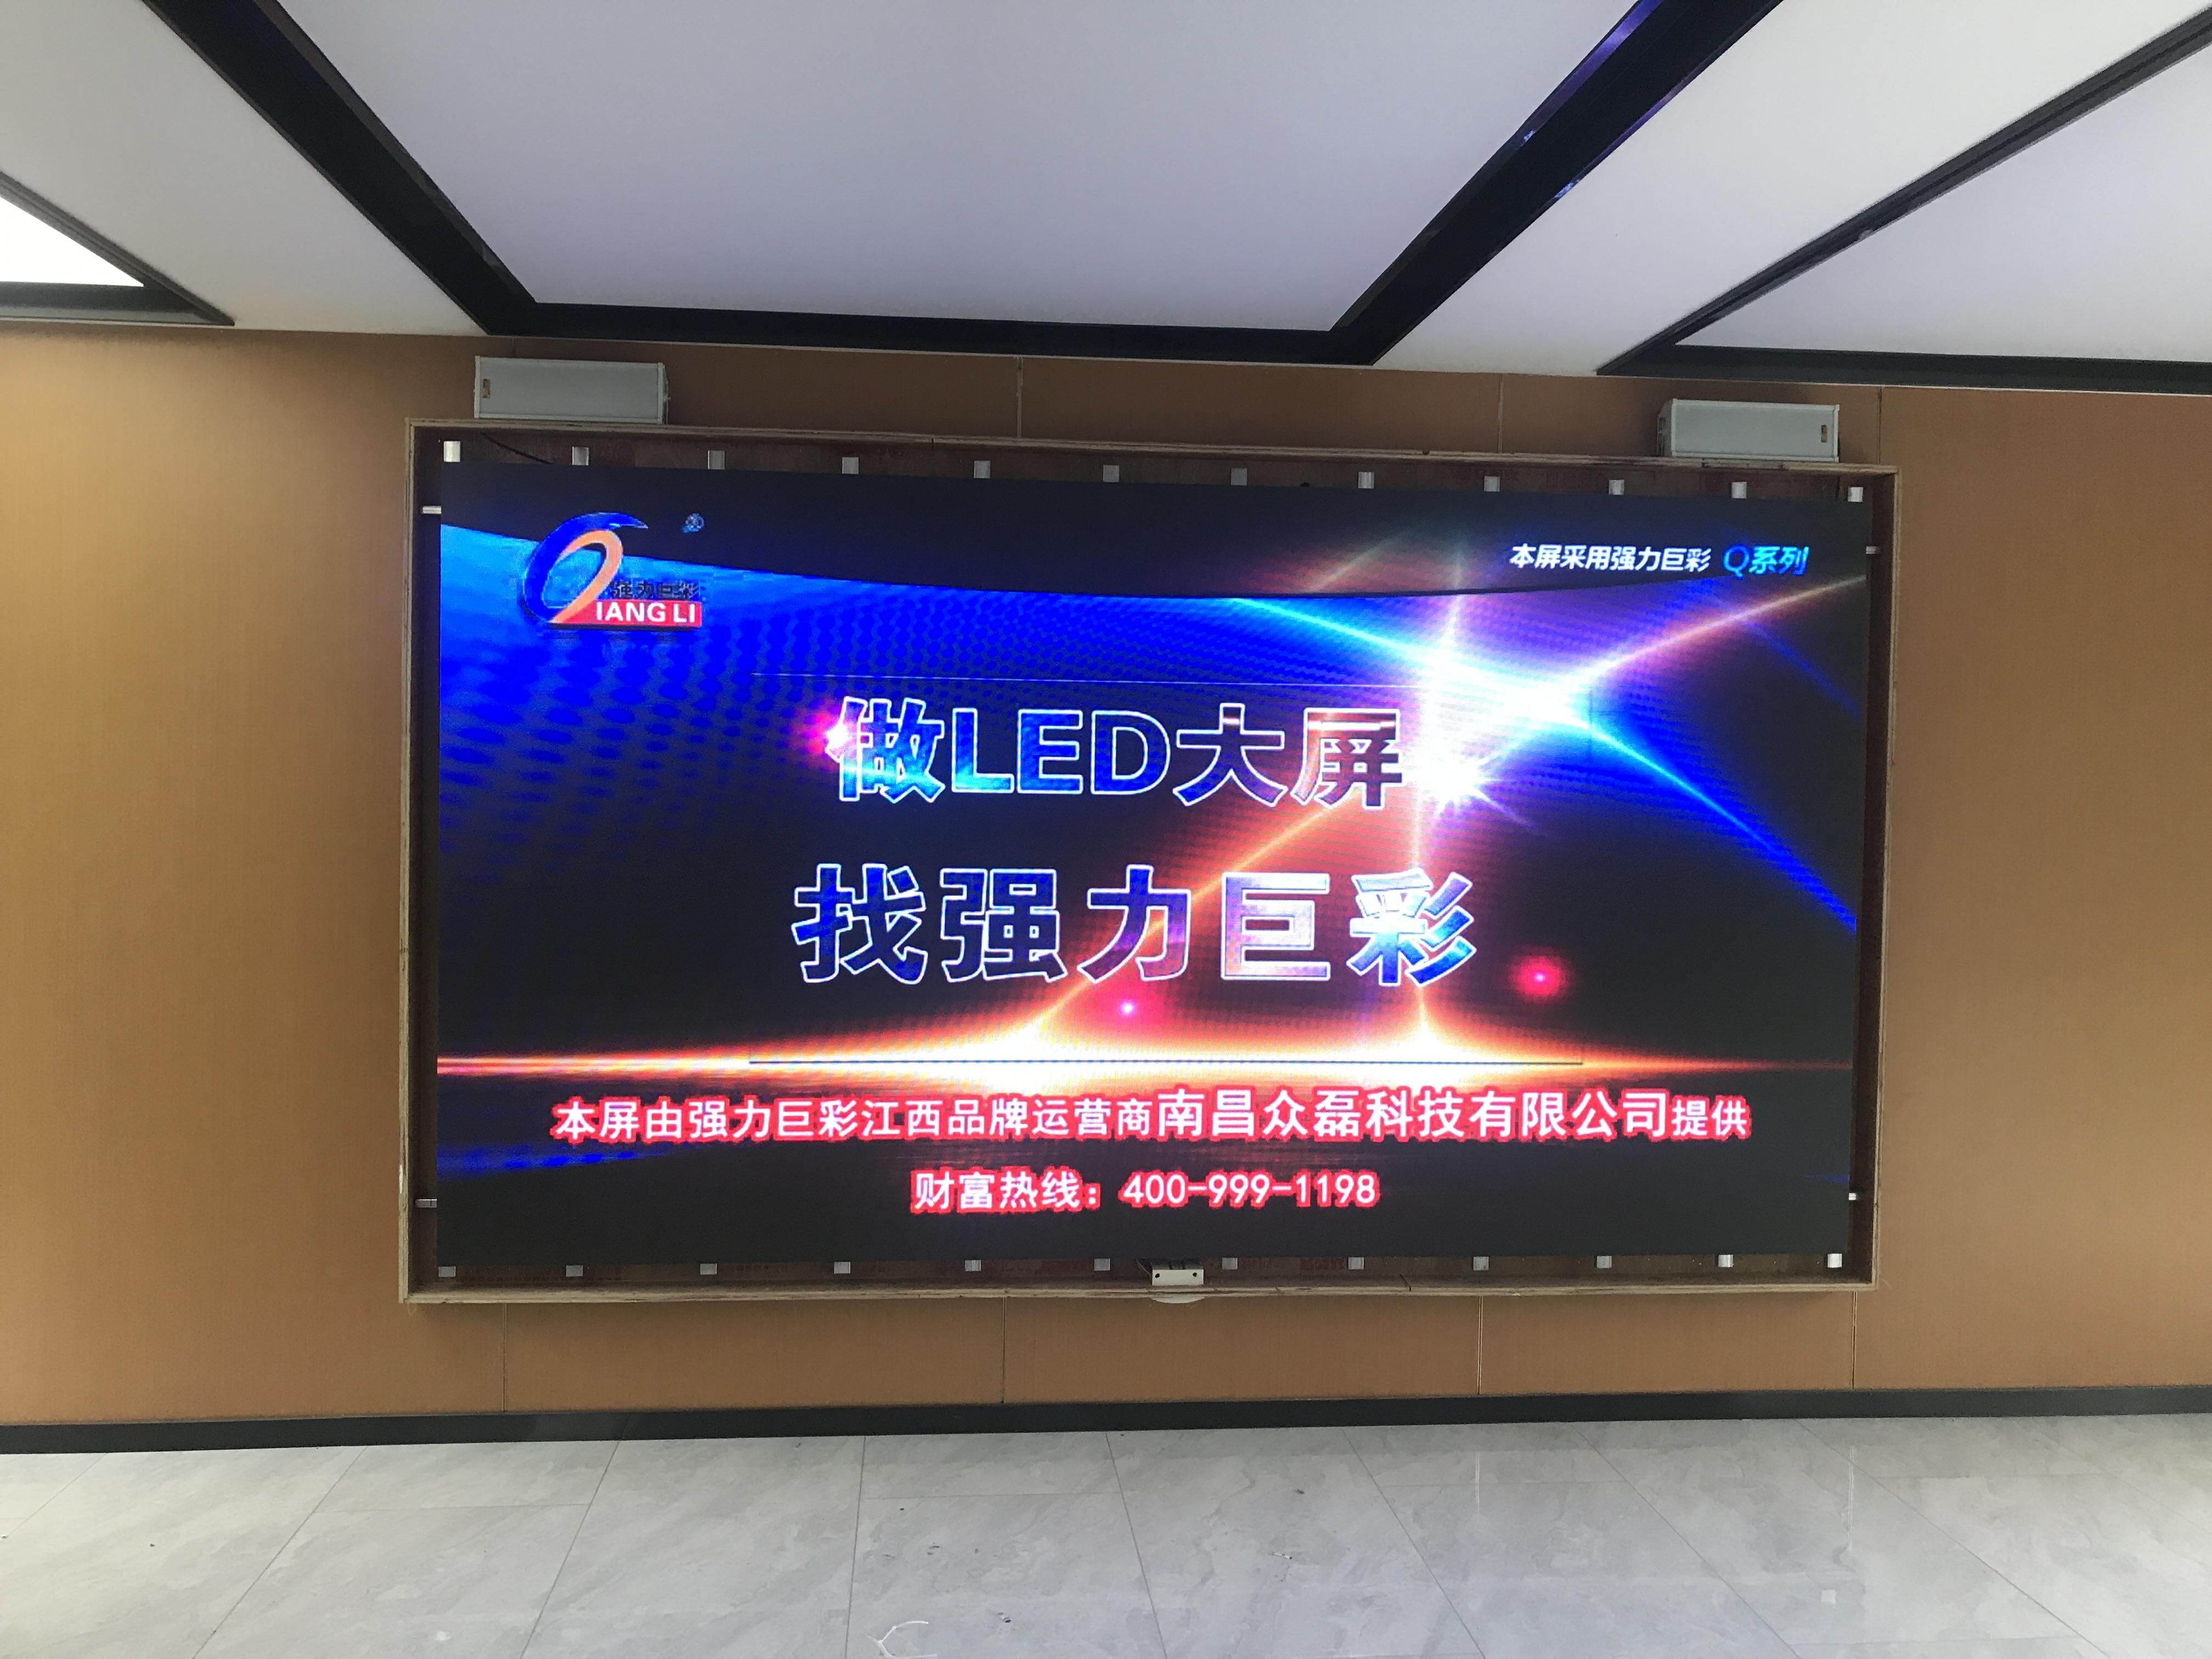 萍乡市开发区总工会Q2.5-E 6.75个平方